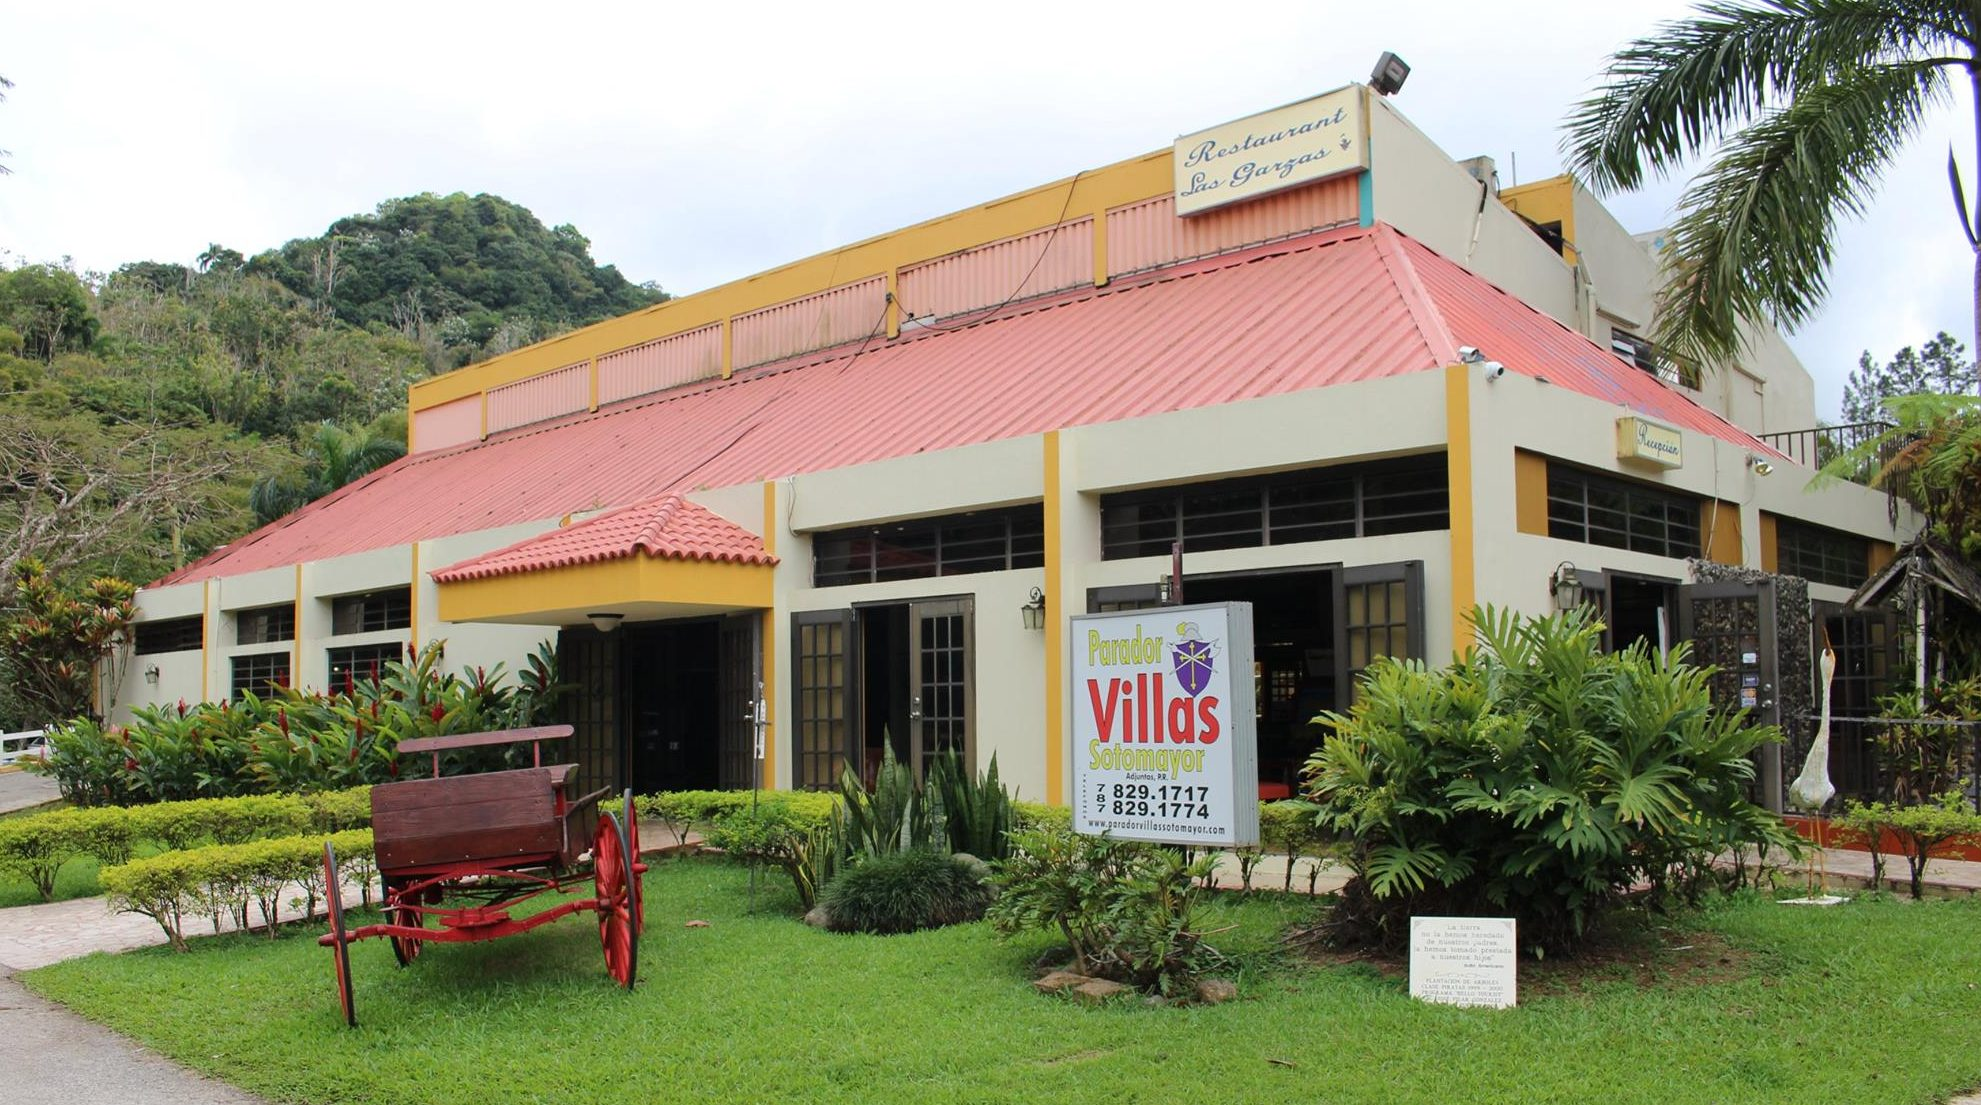 Entrada del parador Villas Sotomayor en Adjuntas.